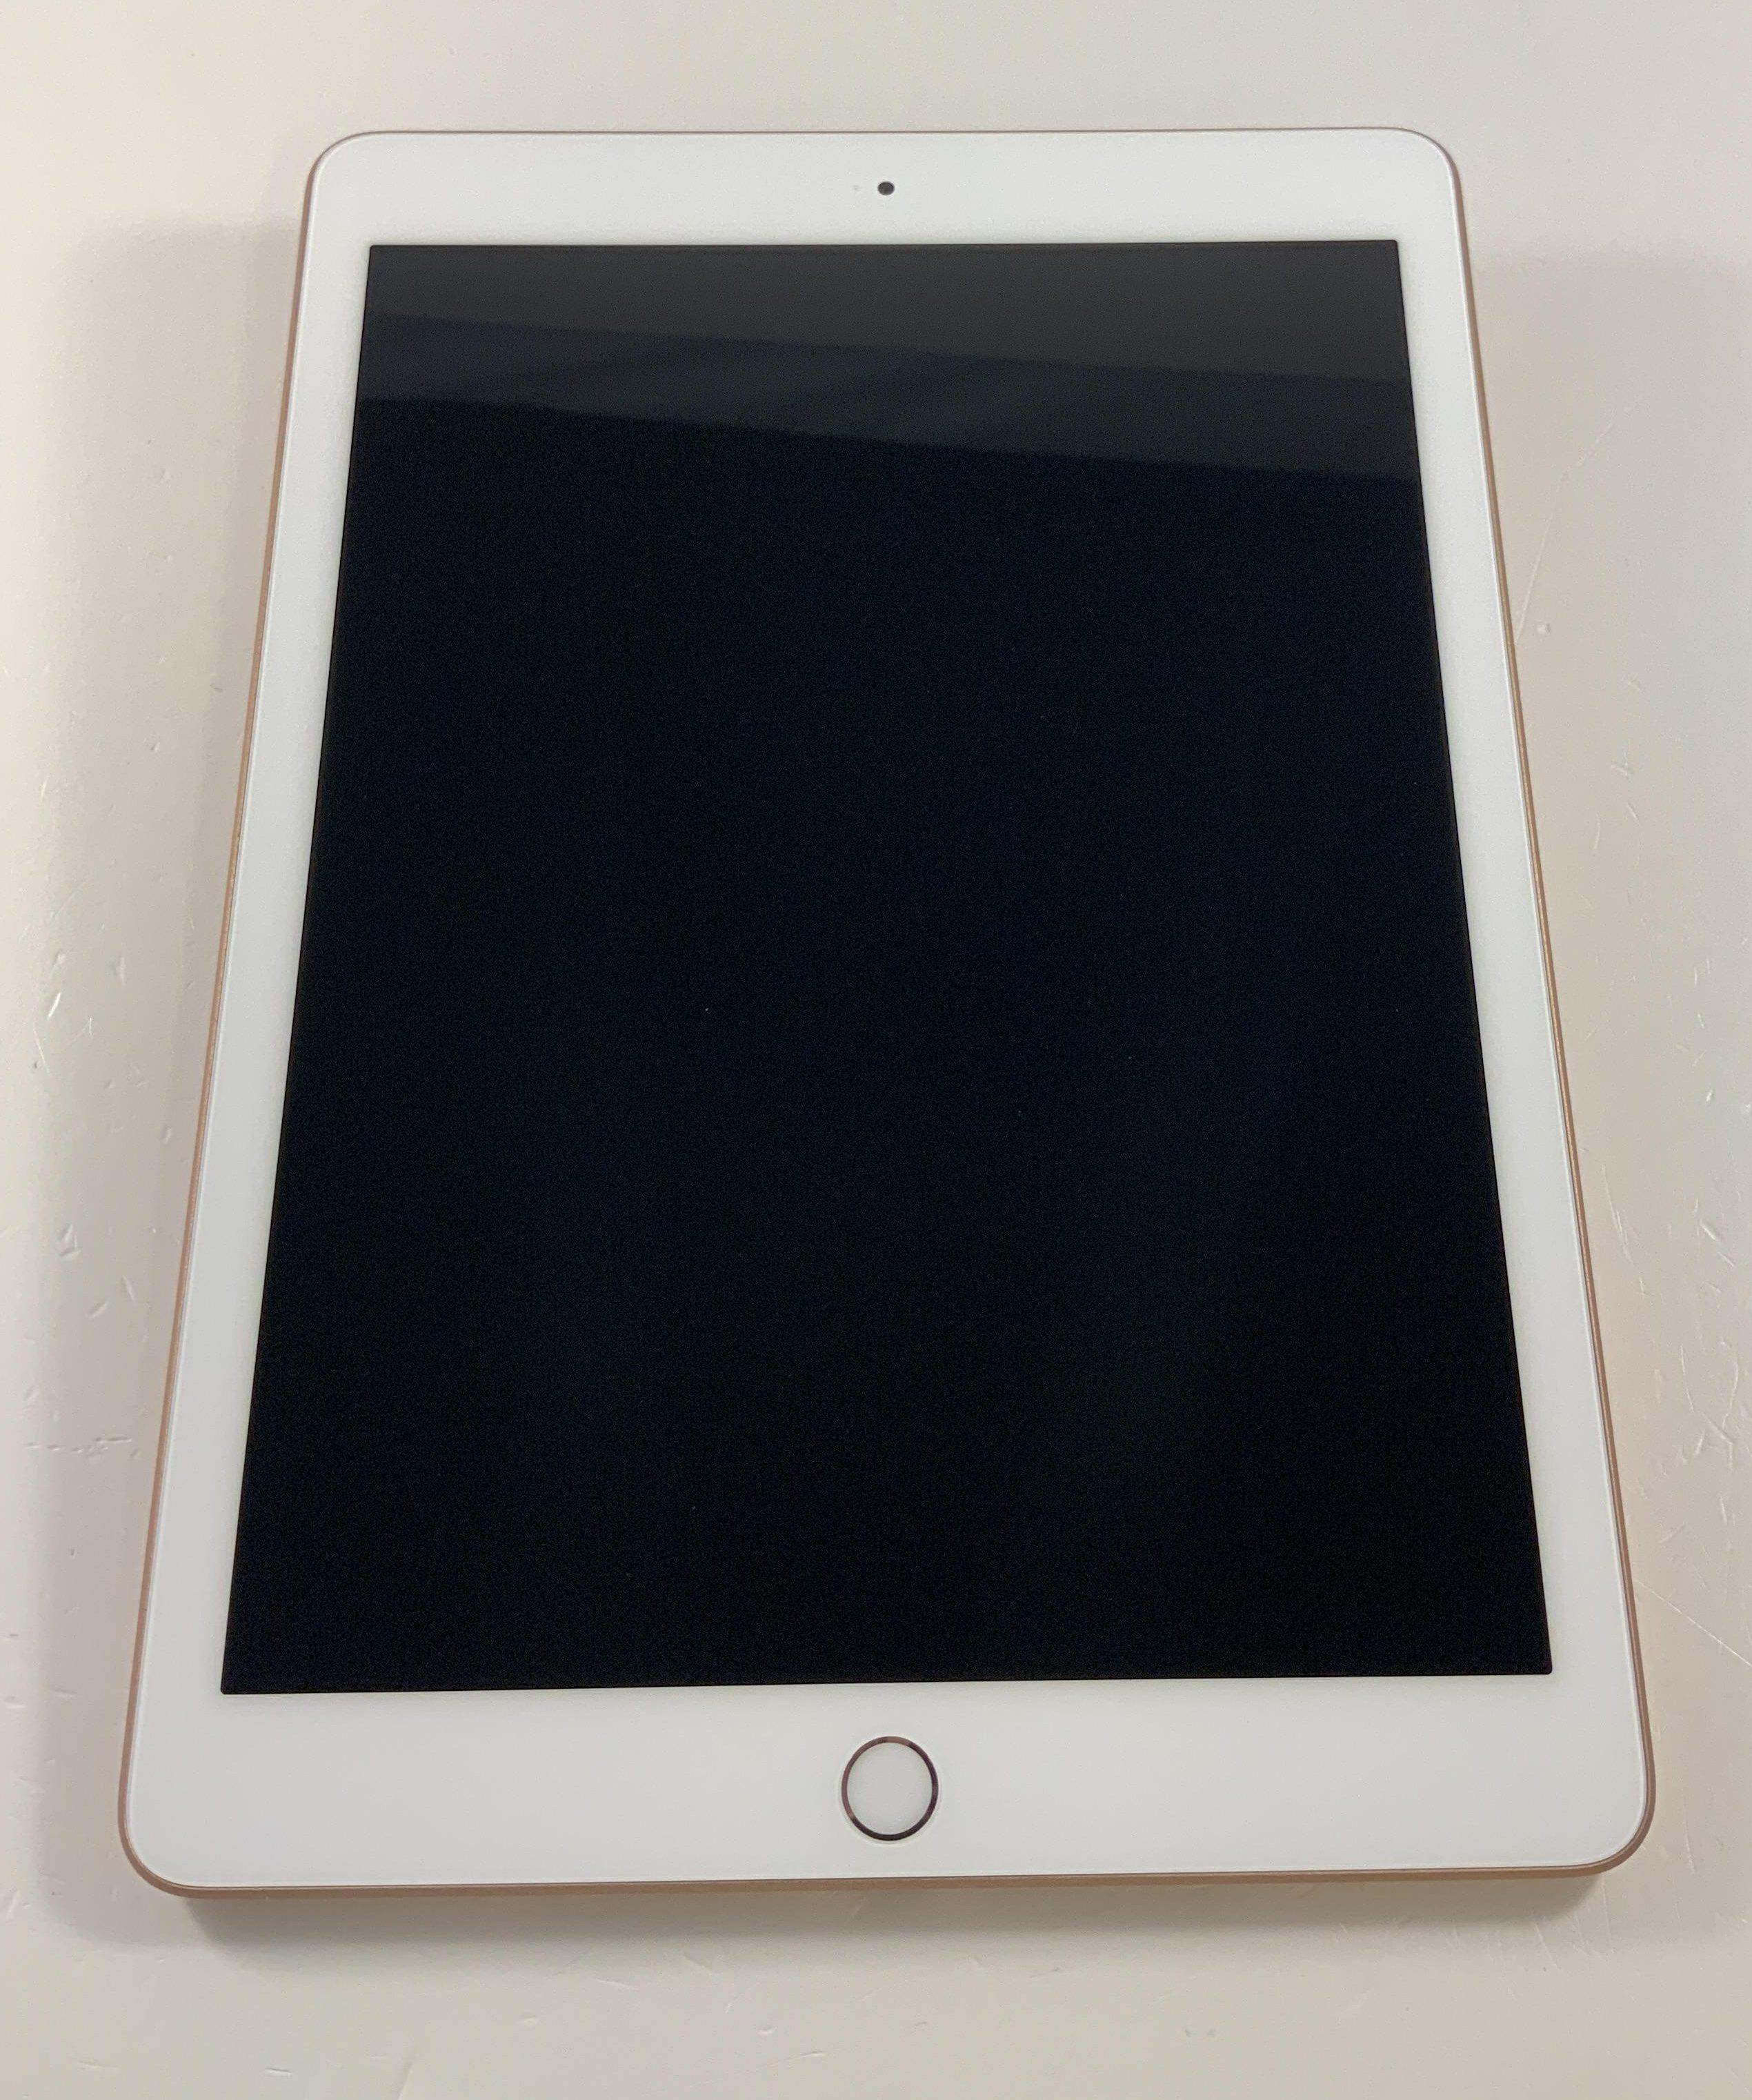 iPad 6 Wi-Fi 32GB, 32GB, Gold, immagine 1